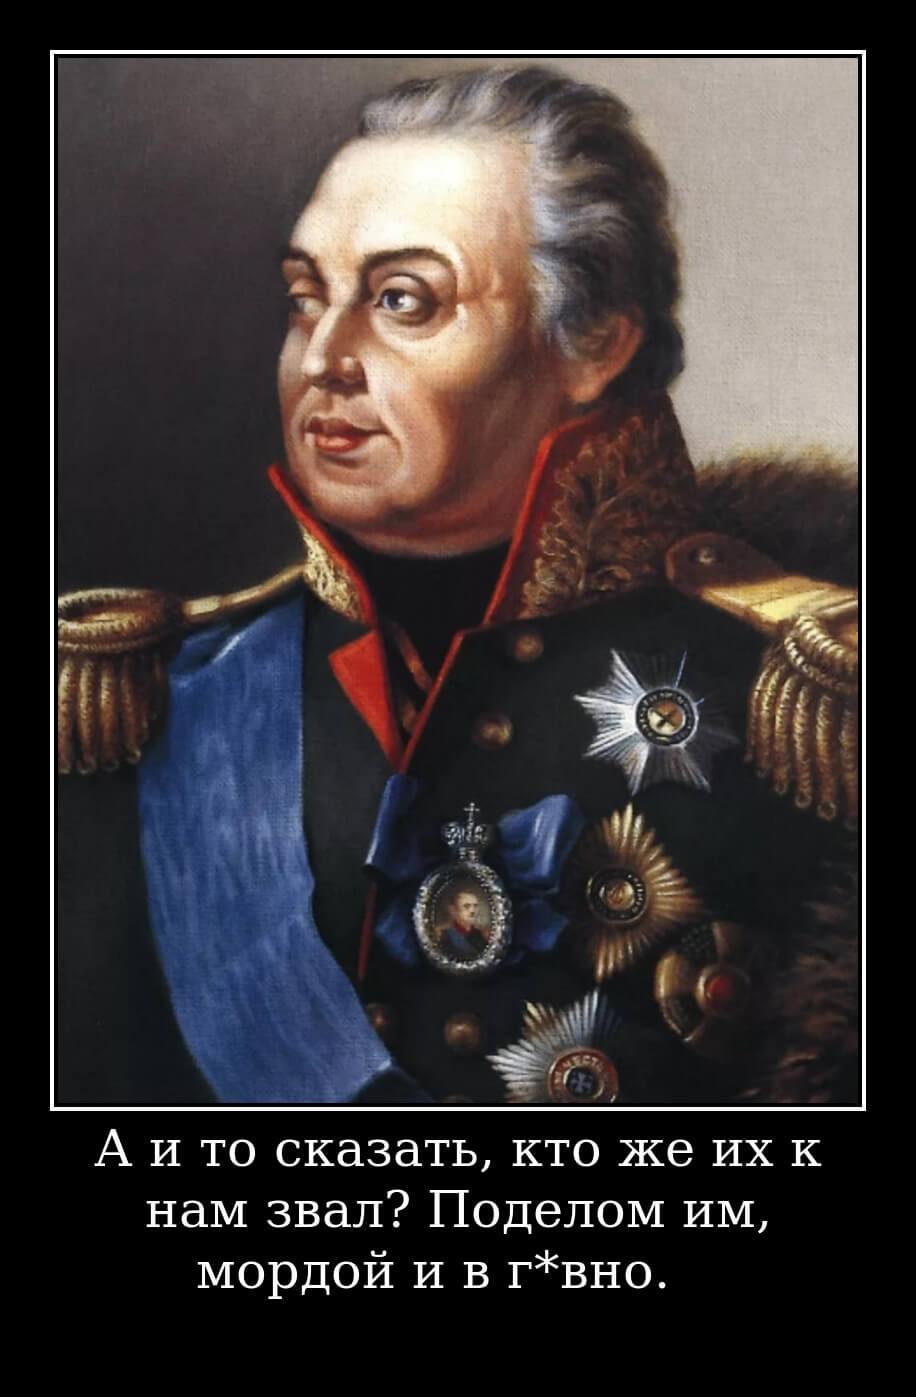 Цитата Кутузова из Война и мир.